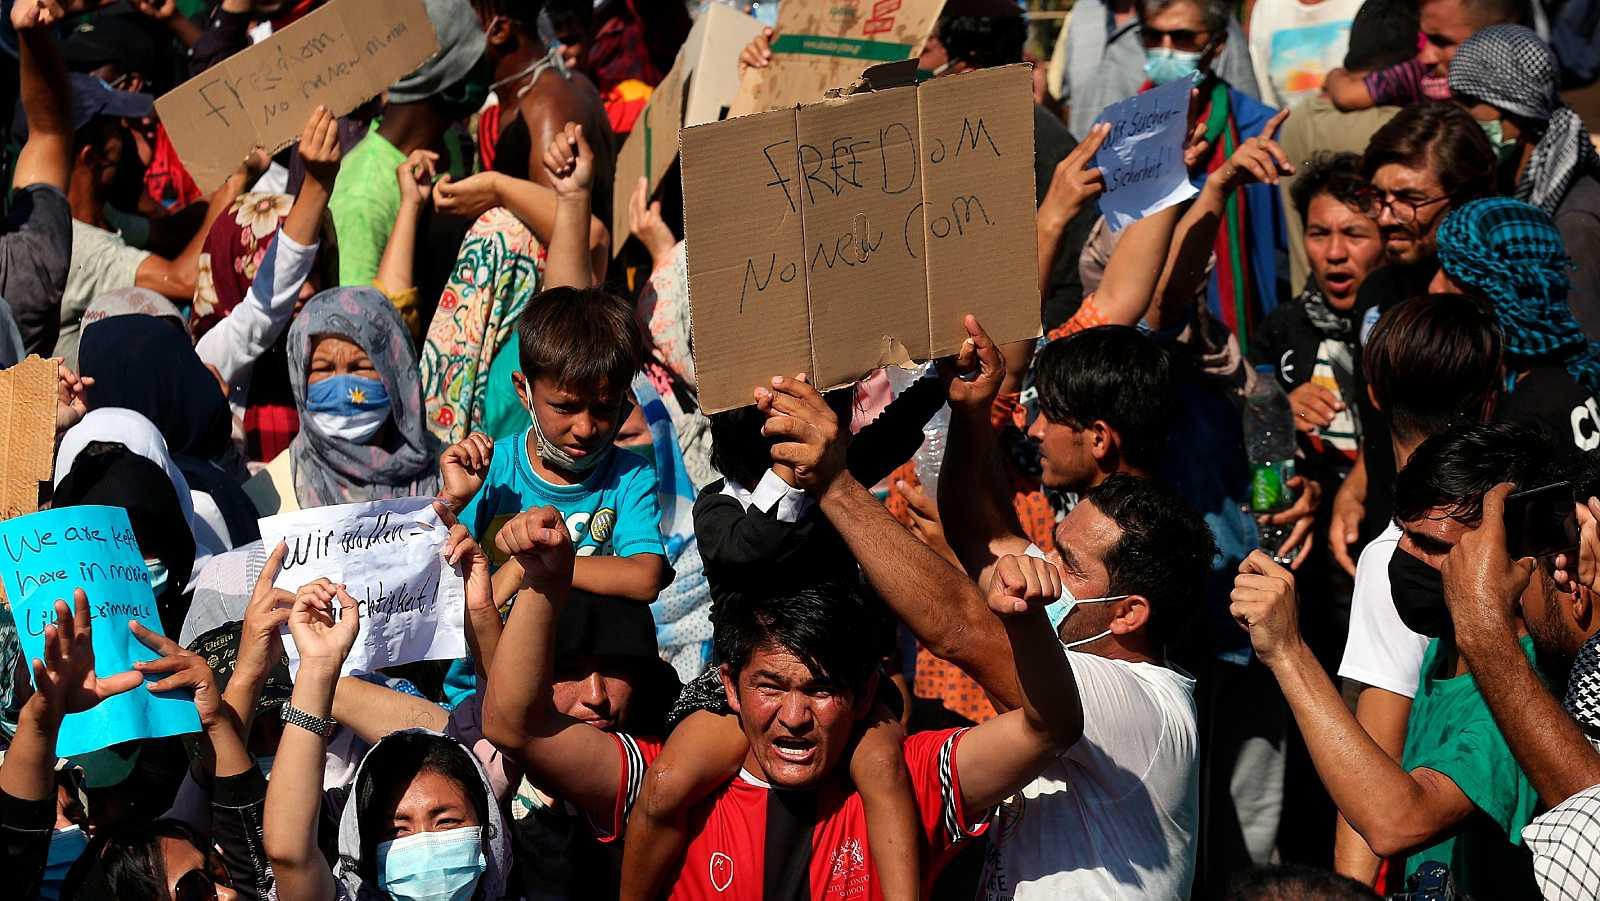 Miles de migrantes protestan y bloquean el acceso a los restos del campamento de refugiados de Moria